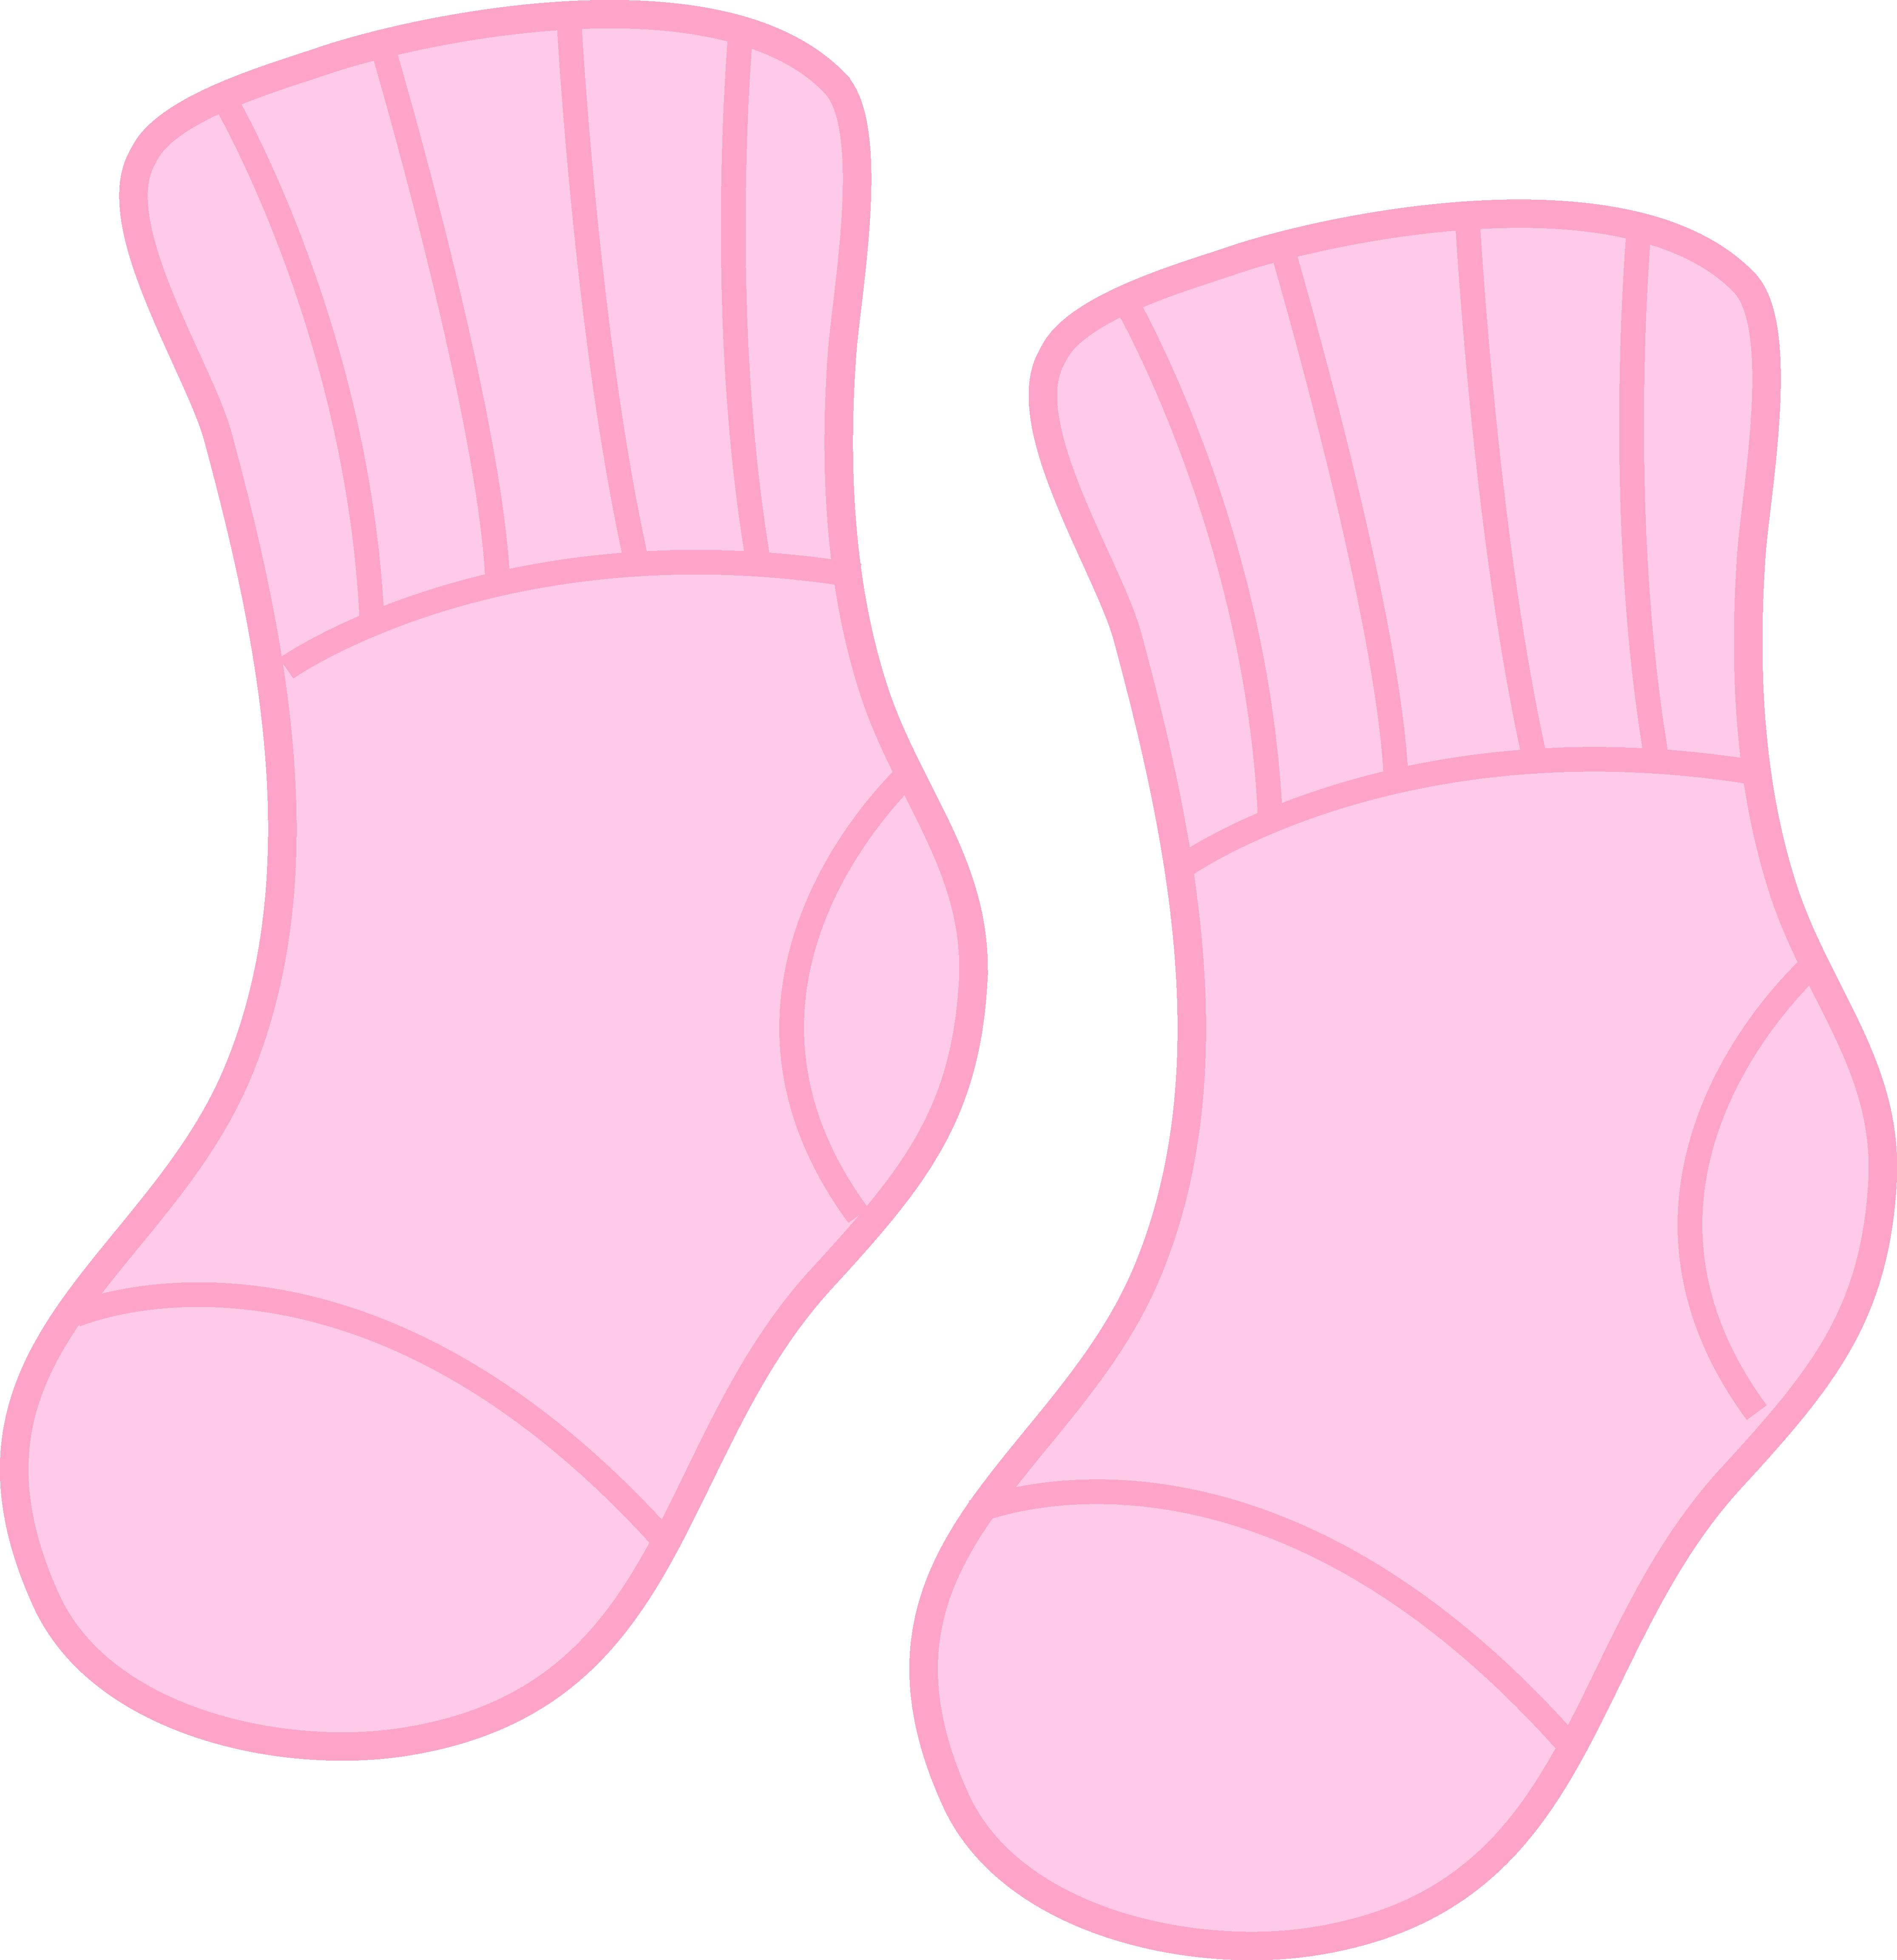 Girls socks clipart cute svg freeuse Girl Socks Clipart svg freeuse